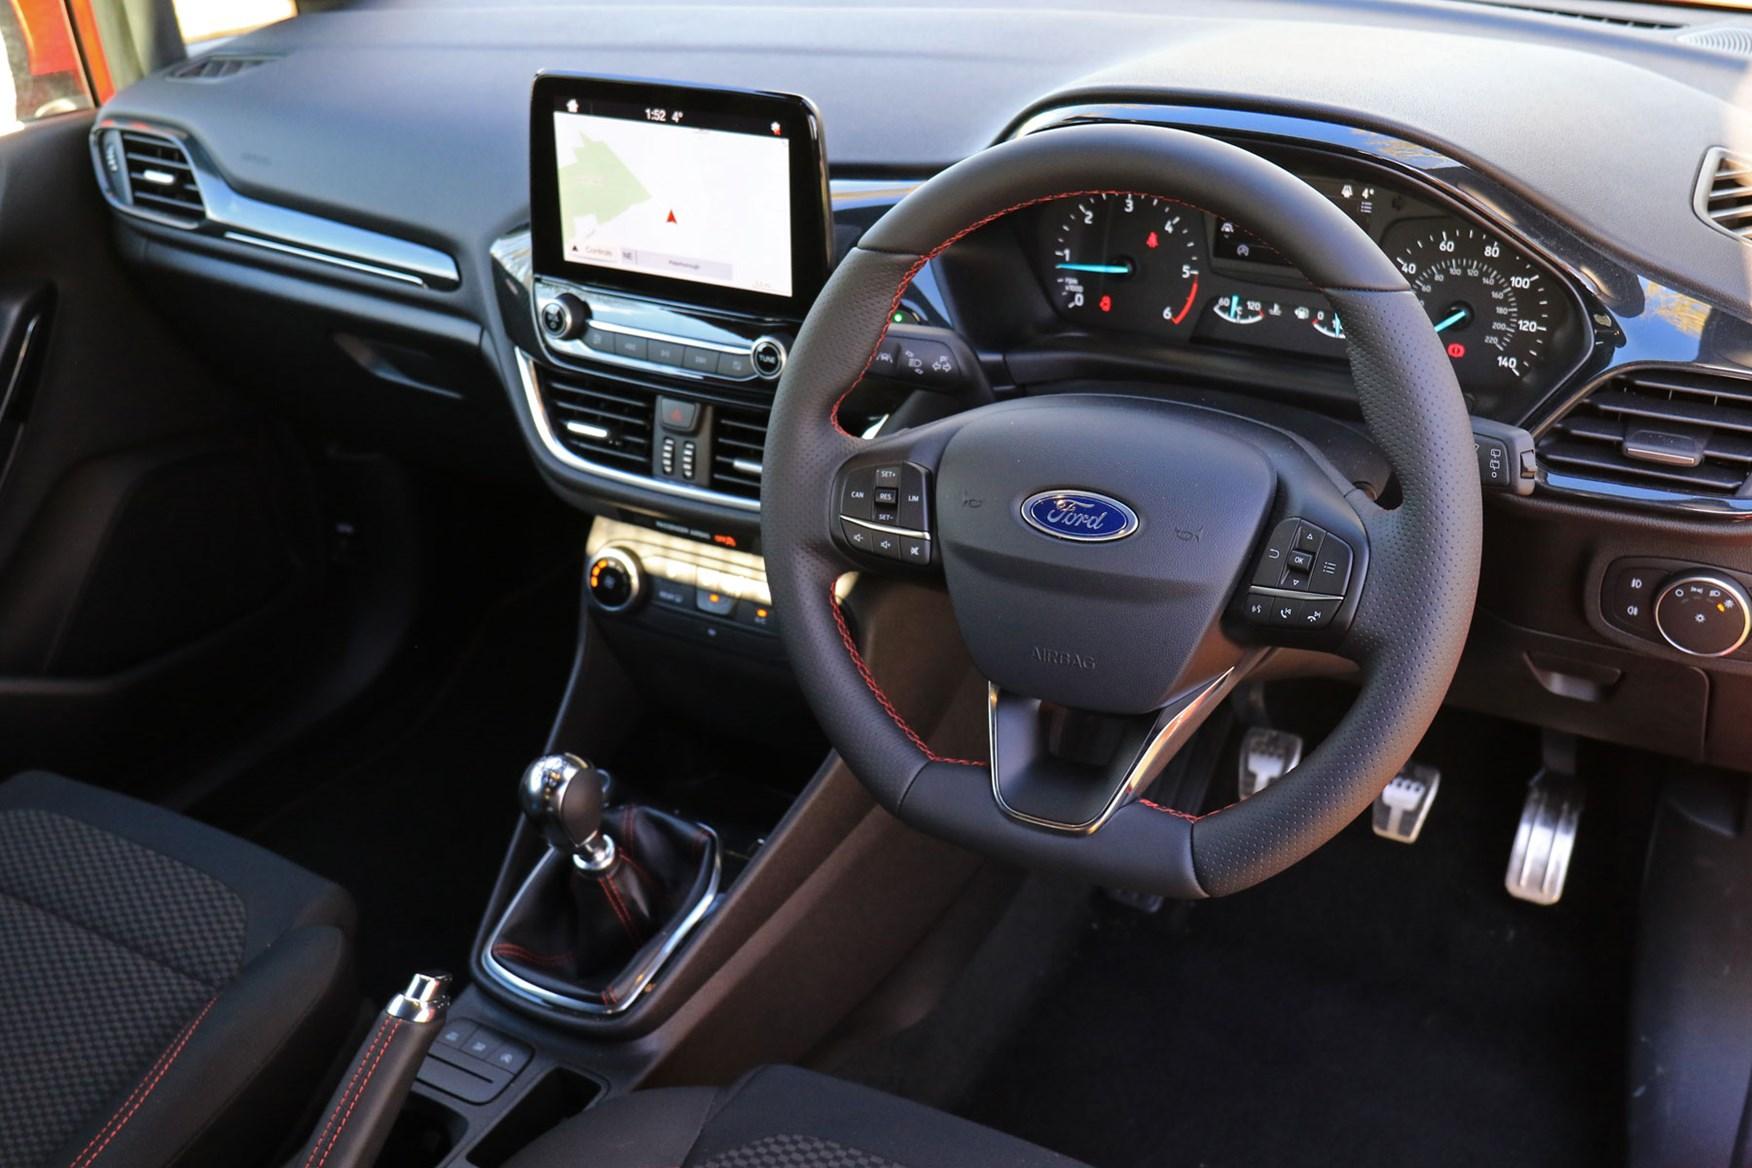 Ford Fiesta Sport Van review - interior, steering wheel, dashboard